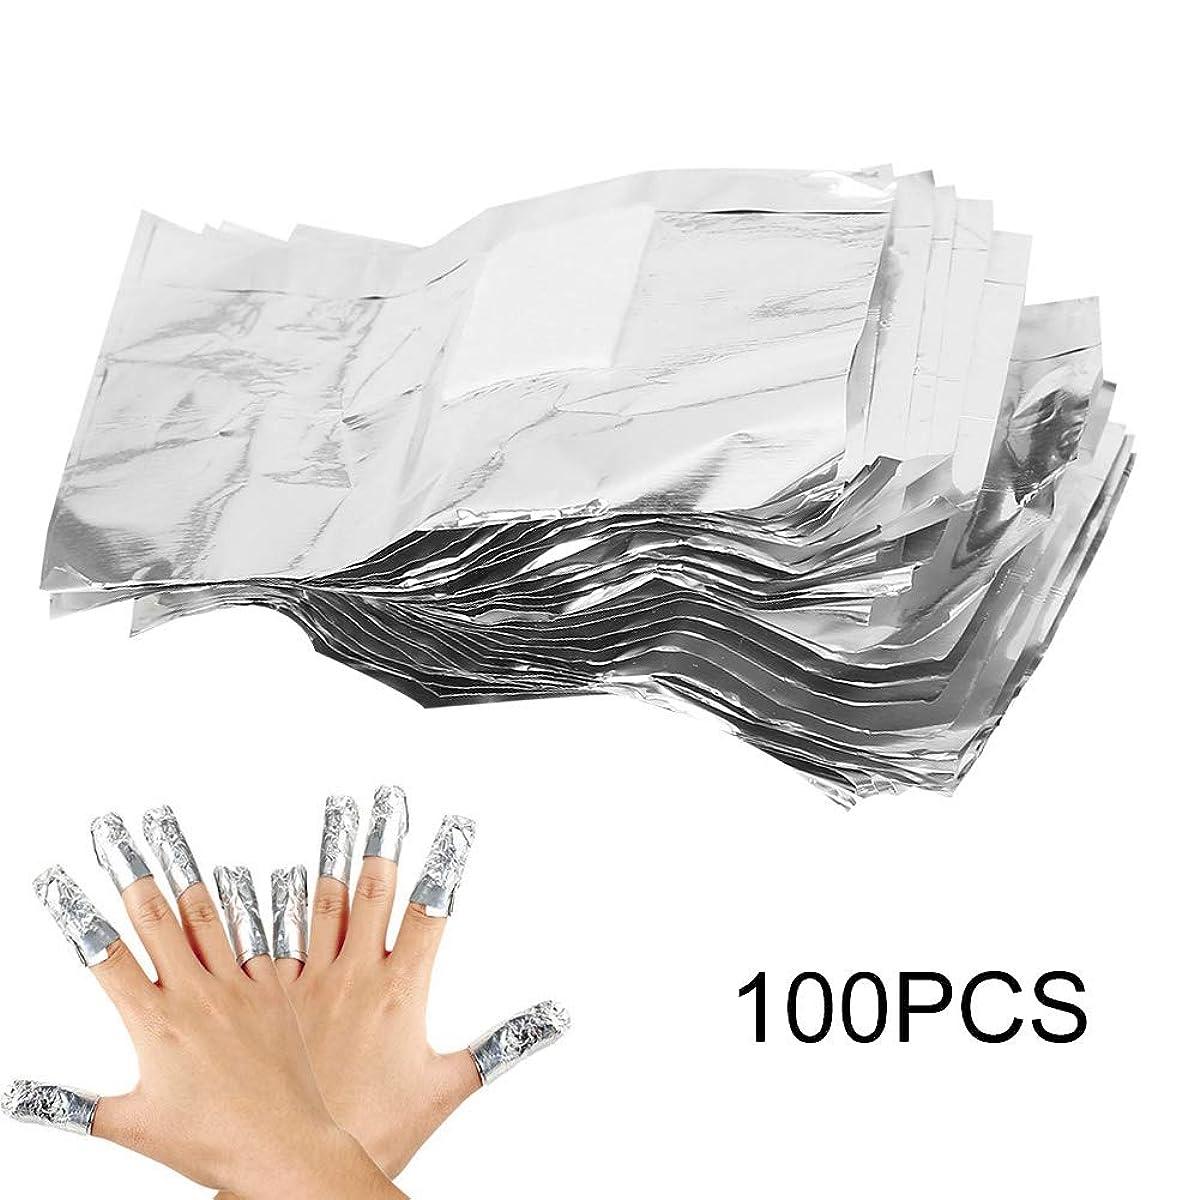 サバント専門バルブネイルポリッシュリムーバークリップ マニキュアの除去剤 錫ホイル 100Pcs オレンジ 色棒付き紫外線ゲルの除去剤の綿パッドを包みます